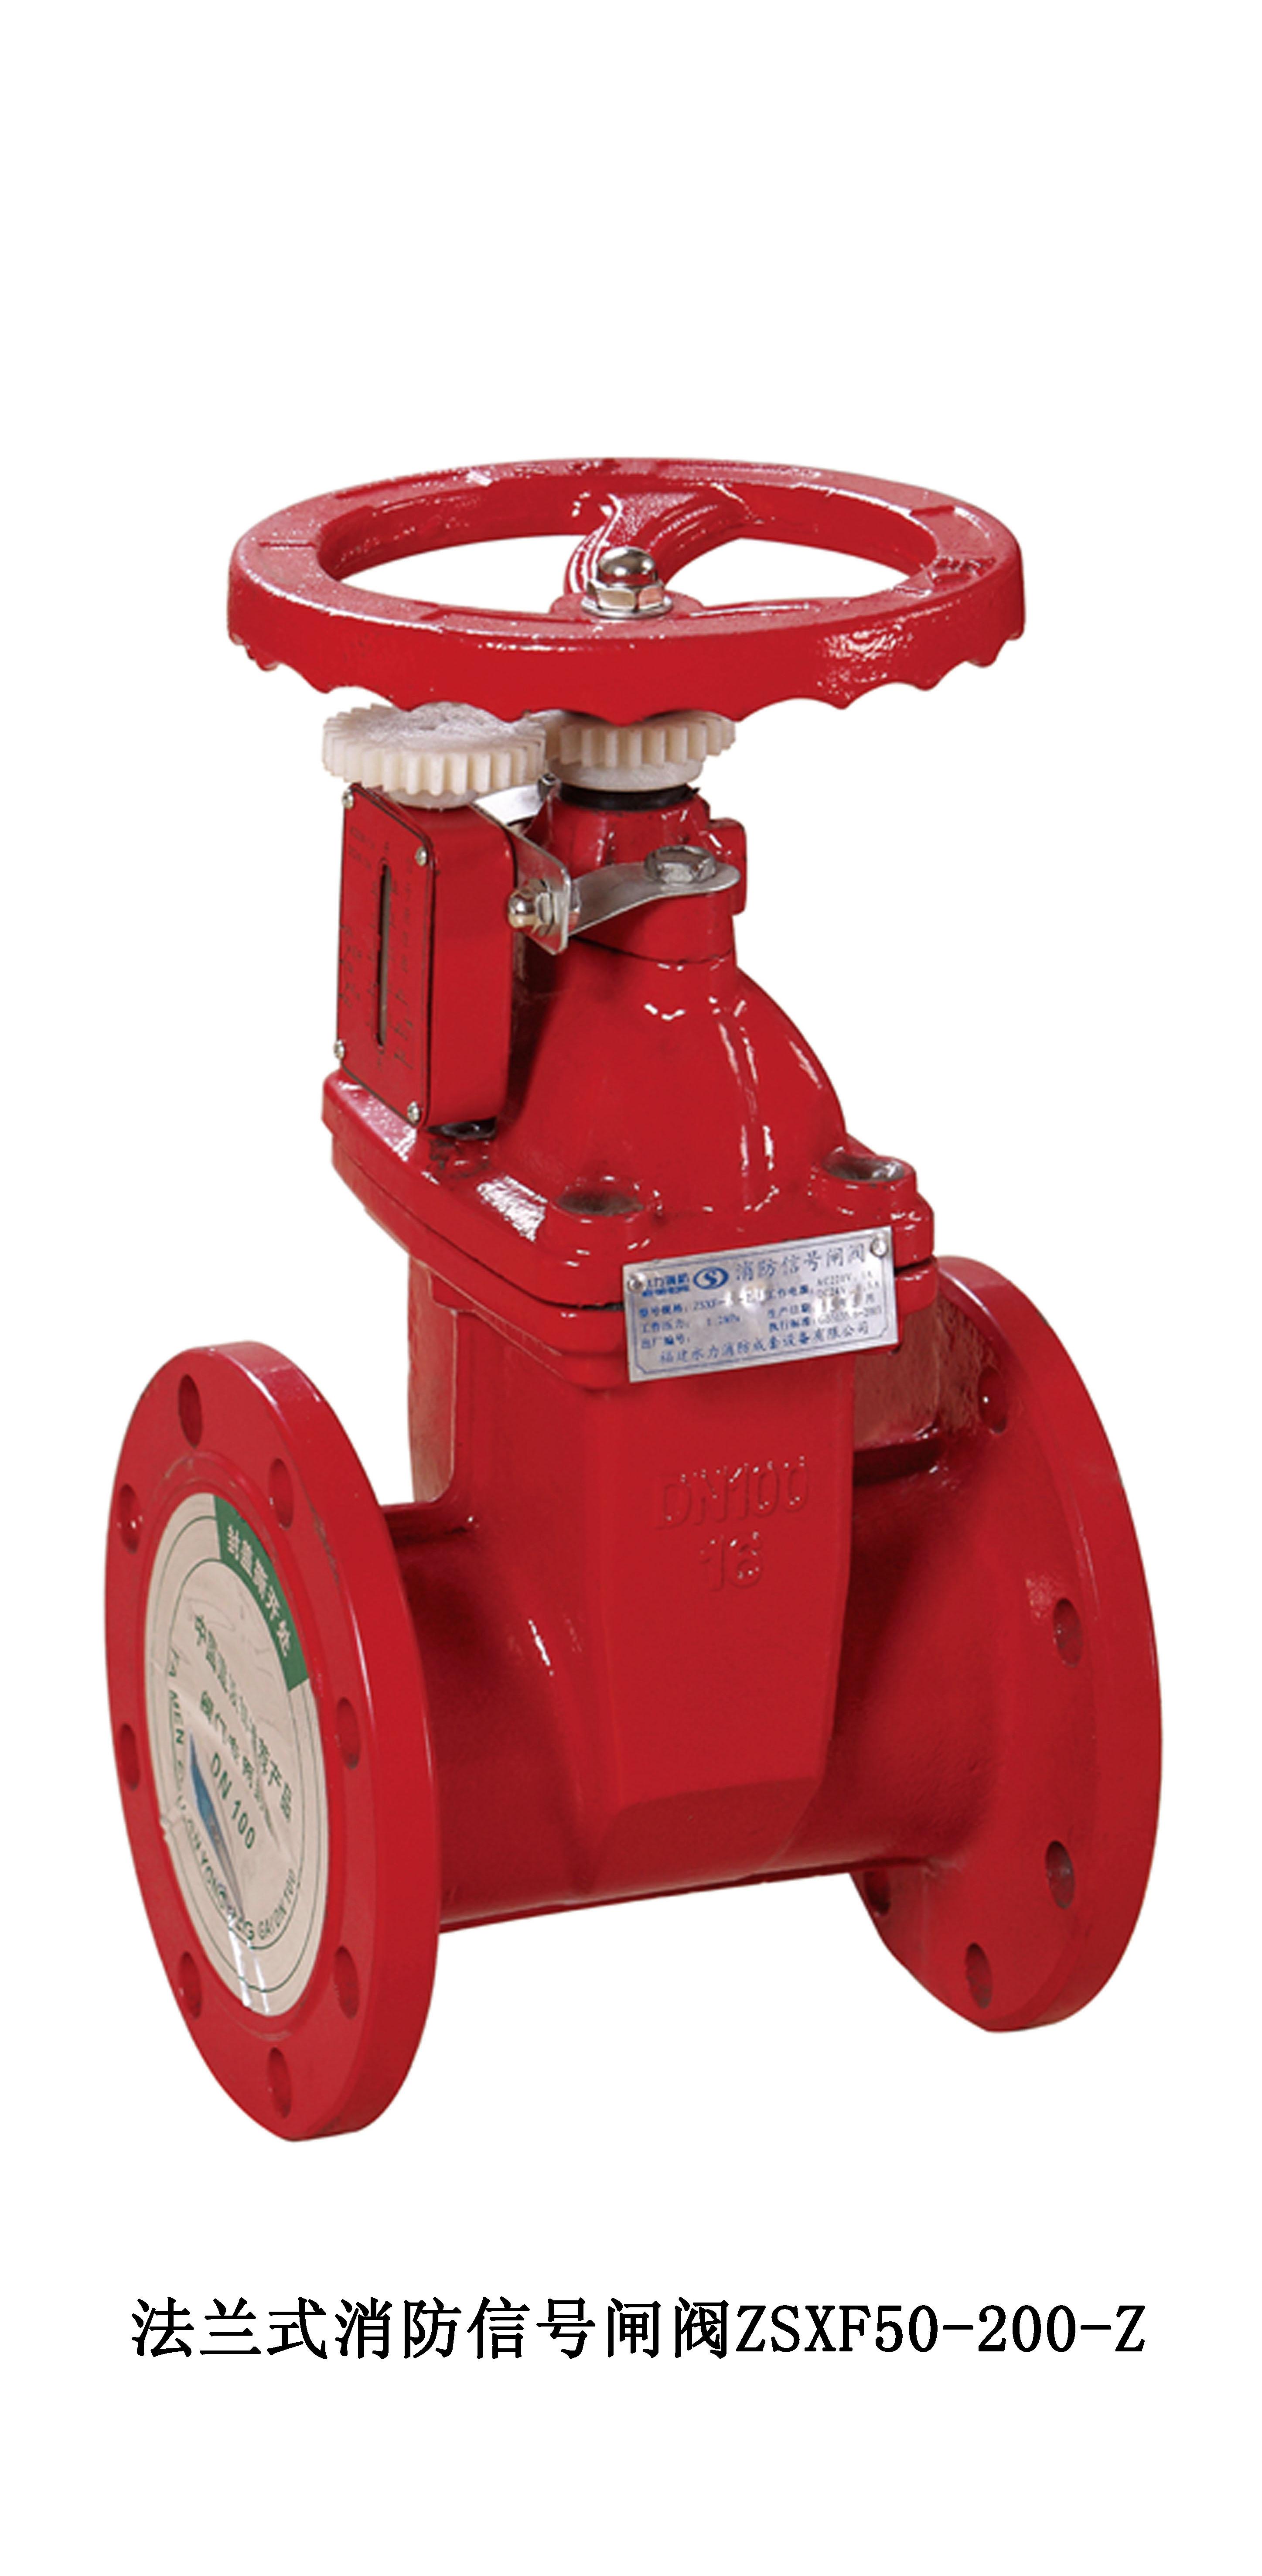 法兰<em style='color:red'>信号</em><em style='color:red'>闸阀</em>图片